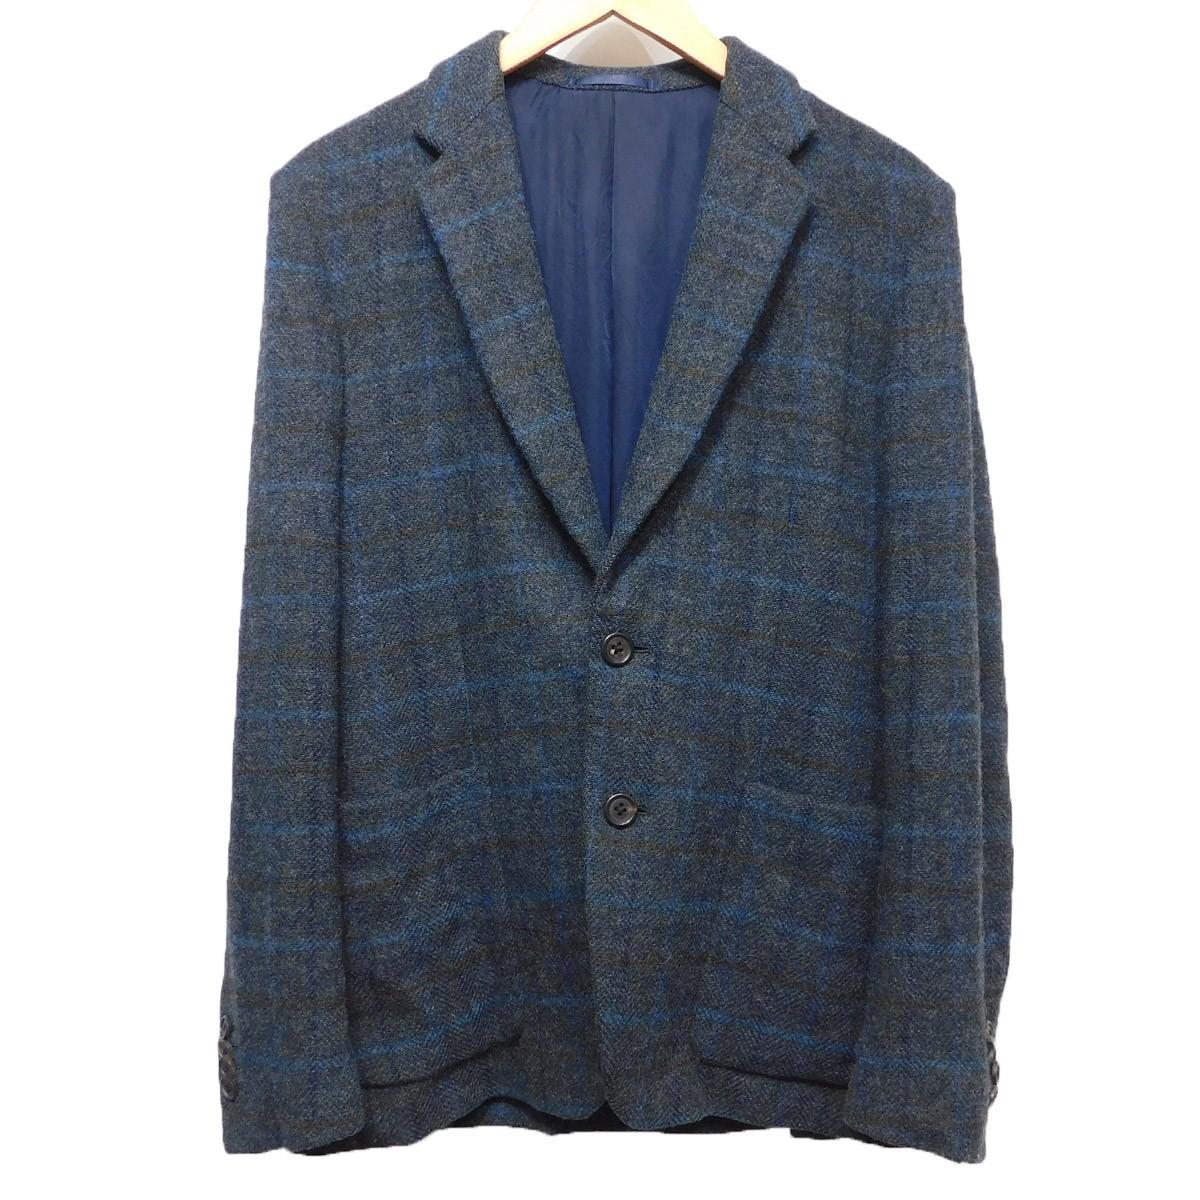 【中古】Paul Smith LONDON 15AW MOON TWEED CHECK チェックジャケット グレー×ブルー サイズ:M 【221119】(ポールスミス)